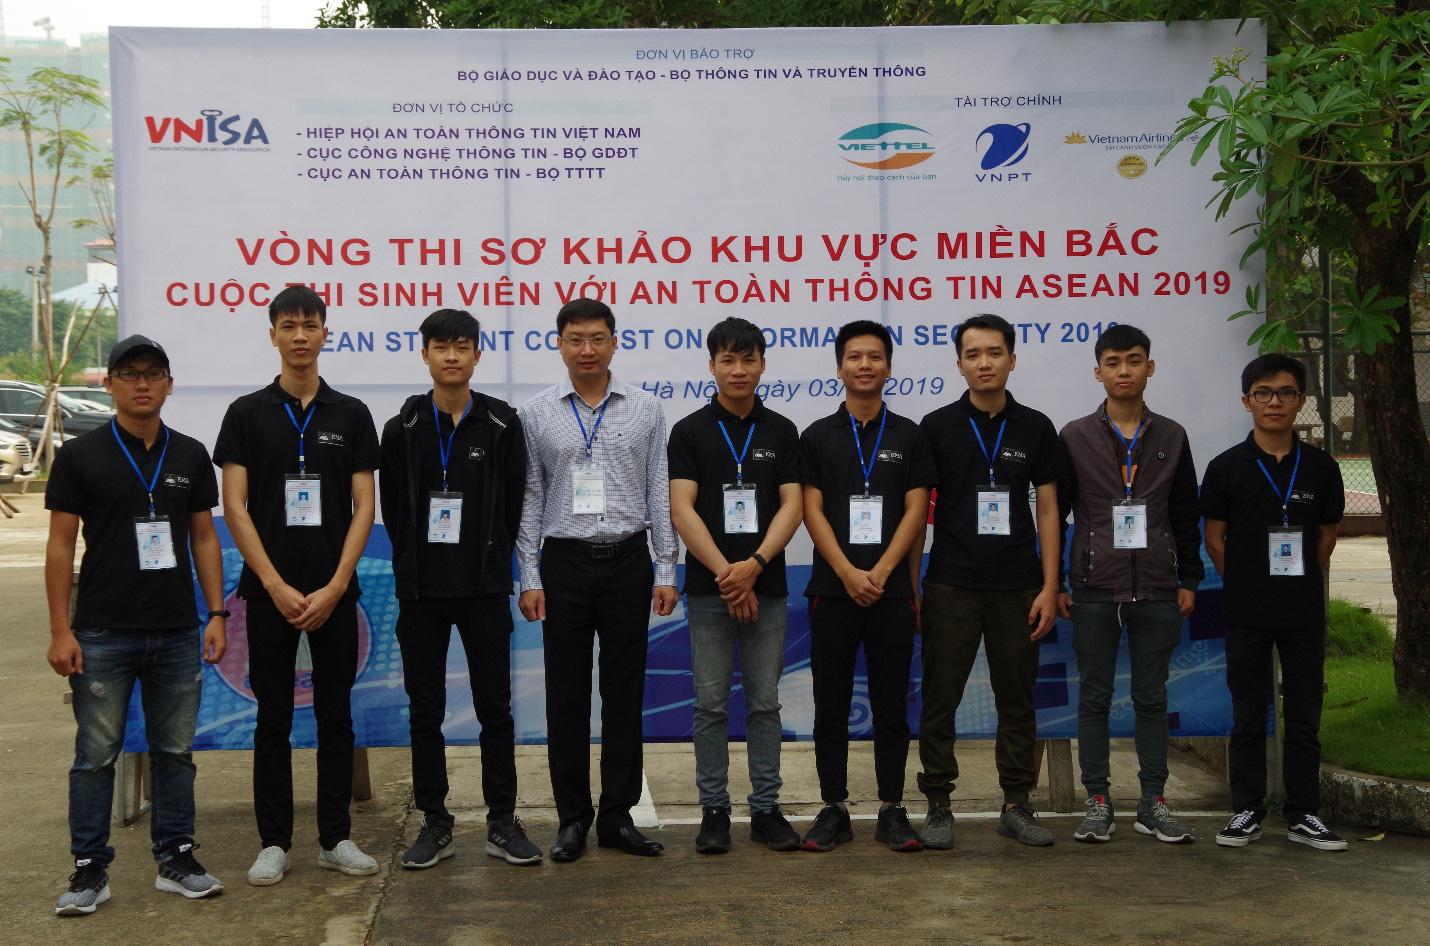 Xu hướng tuyển dụng và triển vọng nhóm ngành kỹ thuật – công nghệ ở Việt Nam - Ảnh 1.